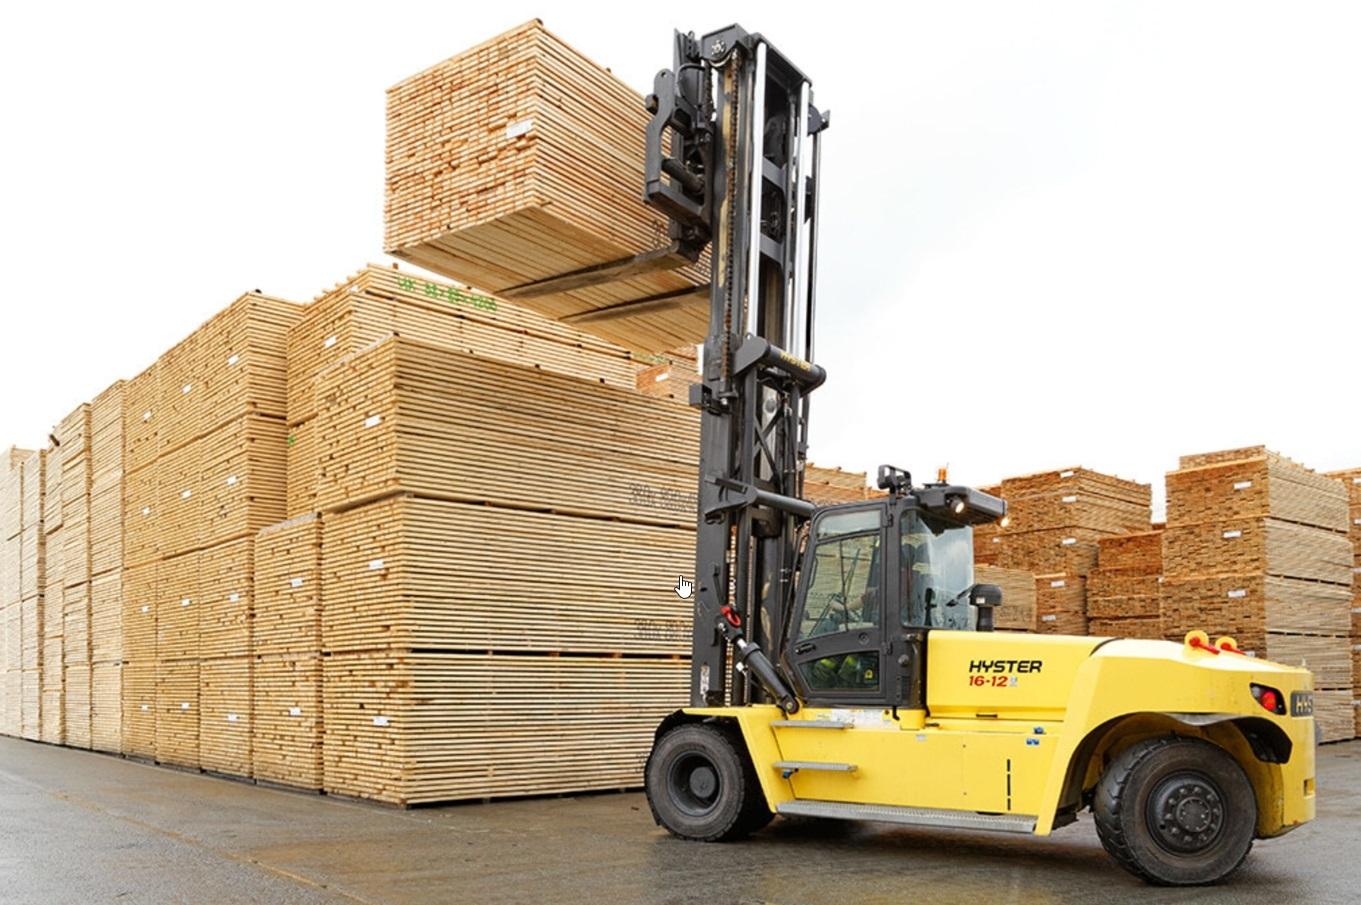 big forklift Hyster handling wood